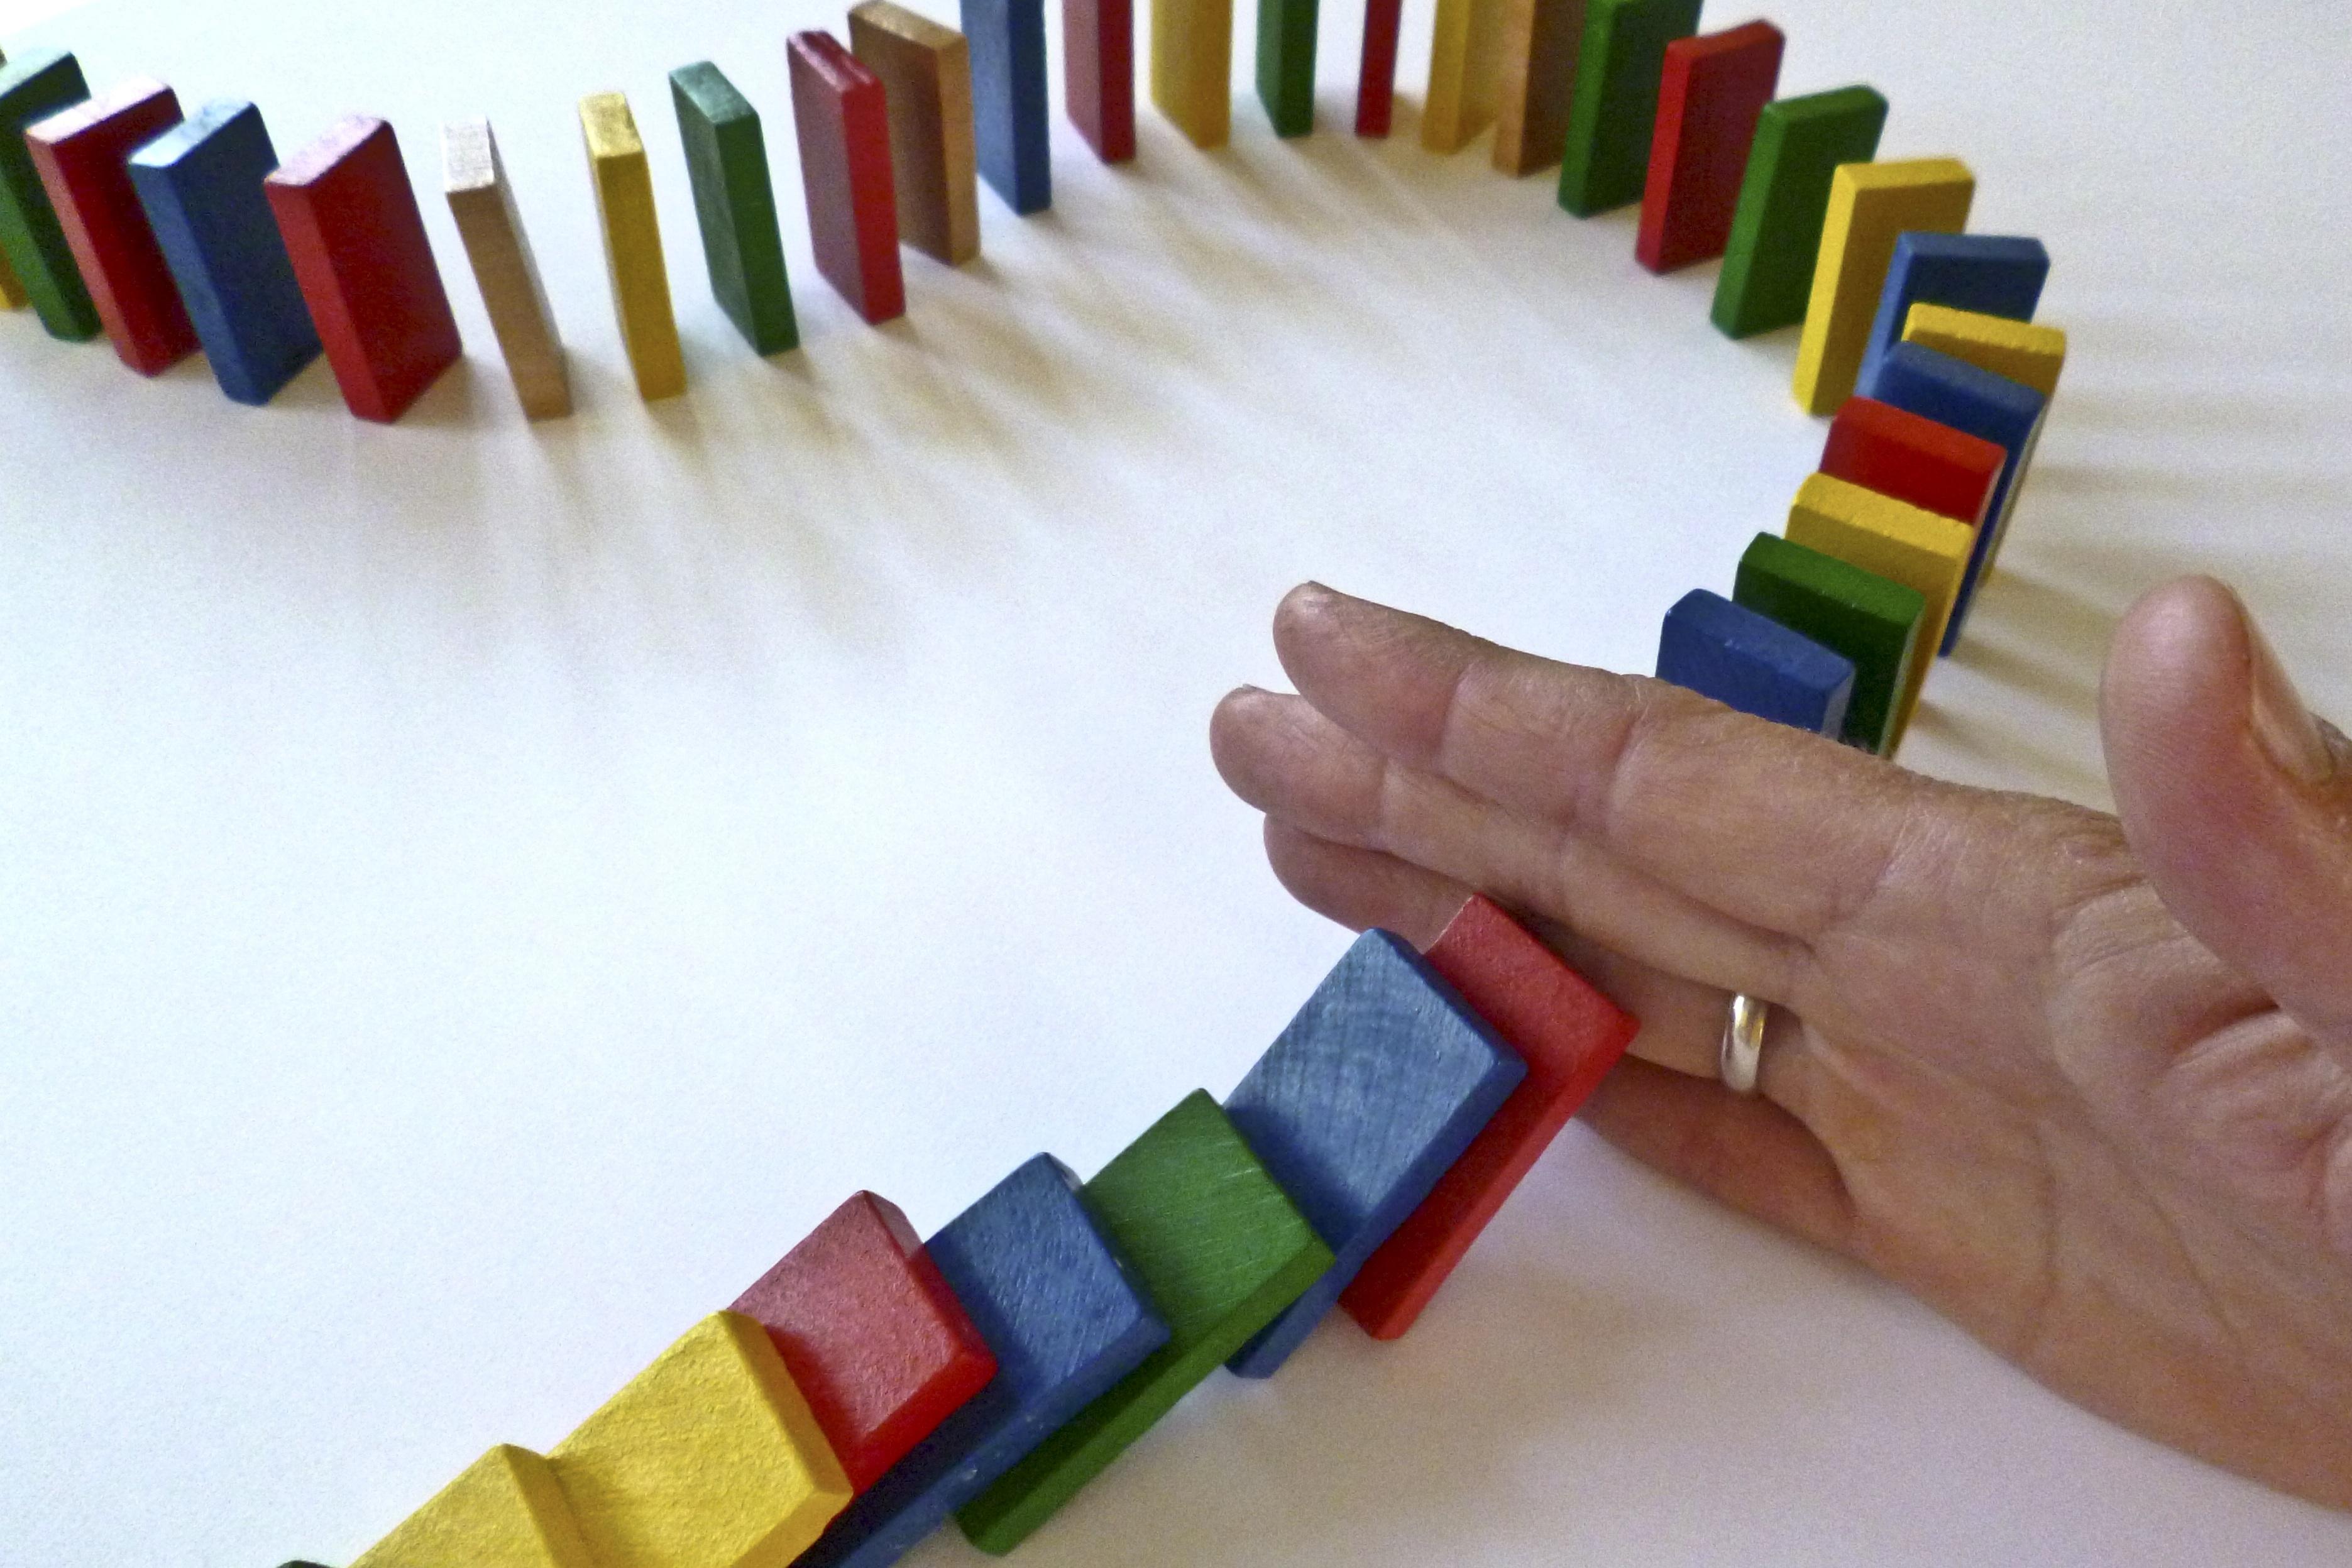 Fotoğraf El Oyun Renk Renkli Oyuncak Pastel Boya Taşlar